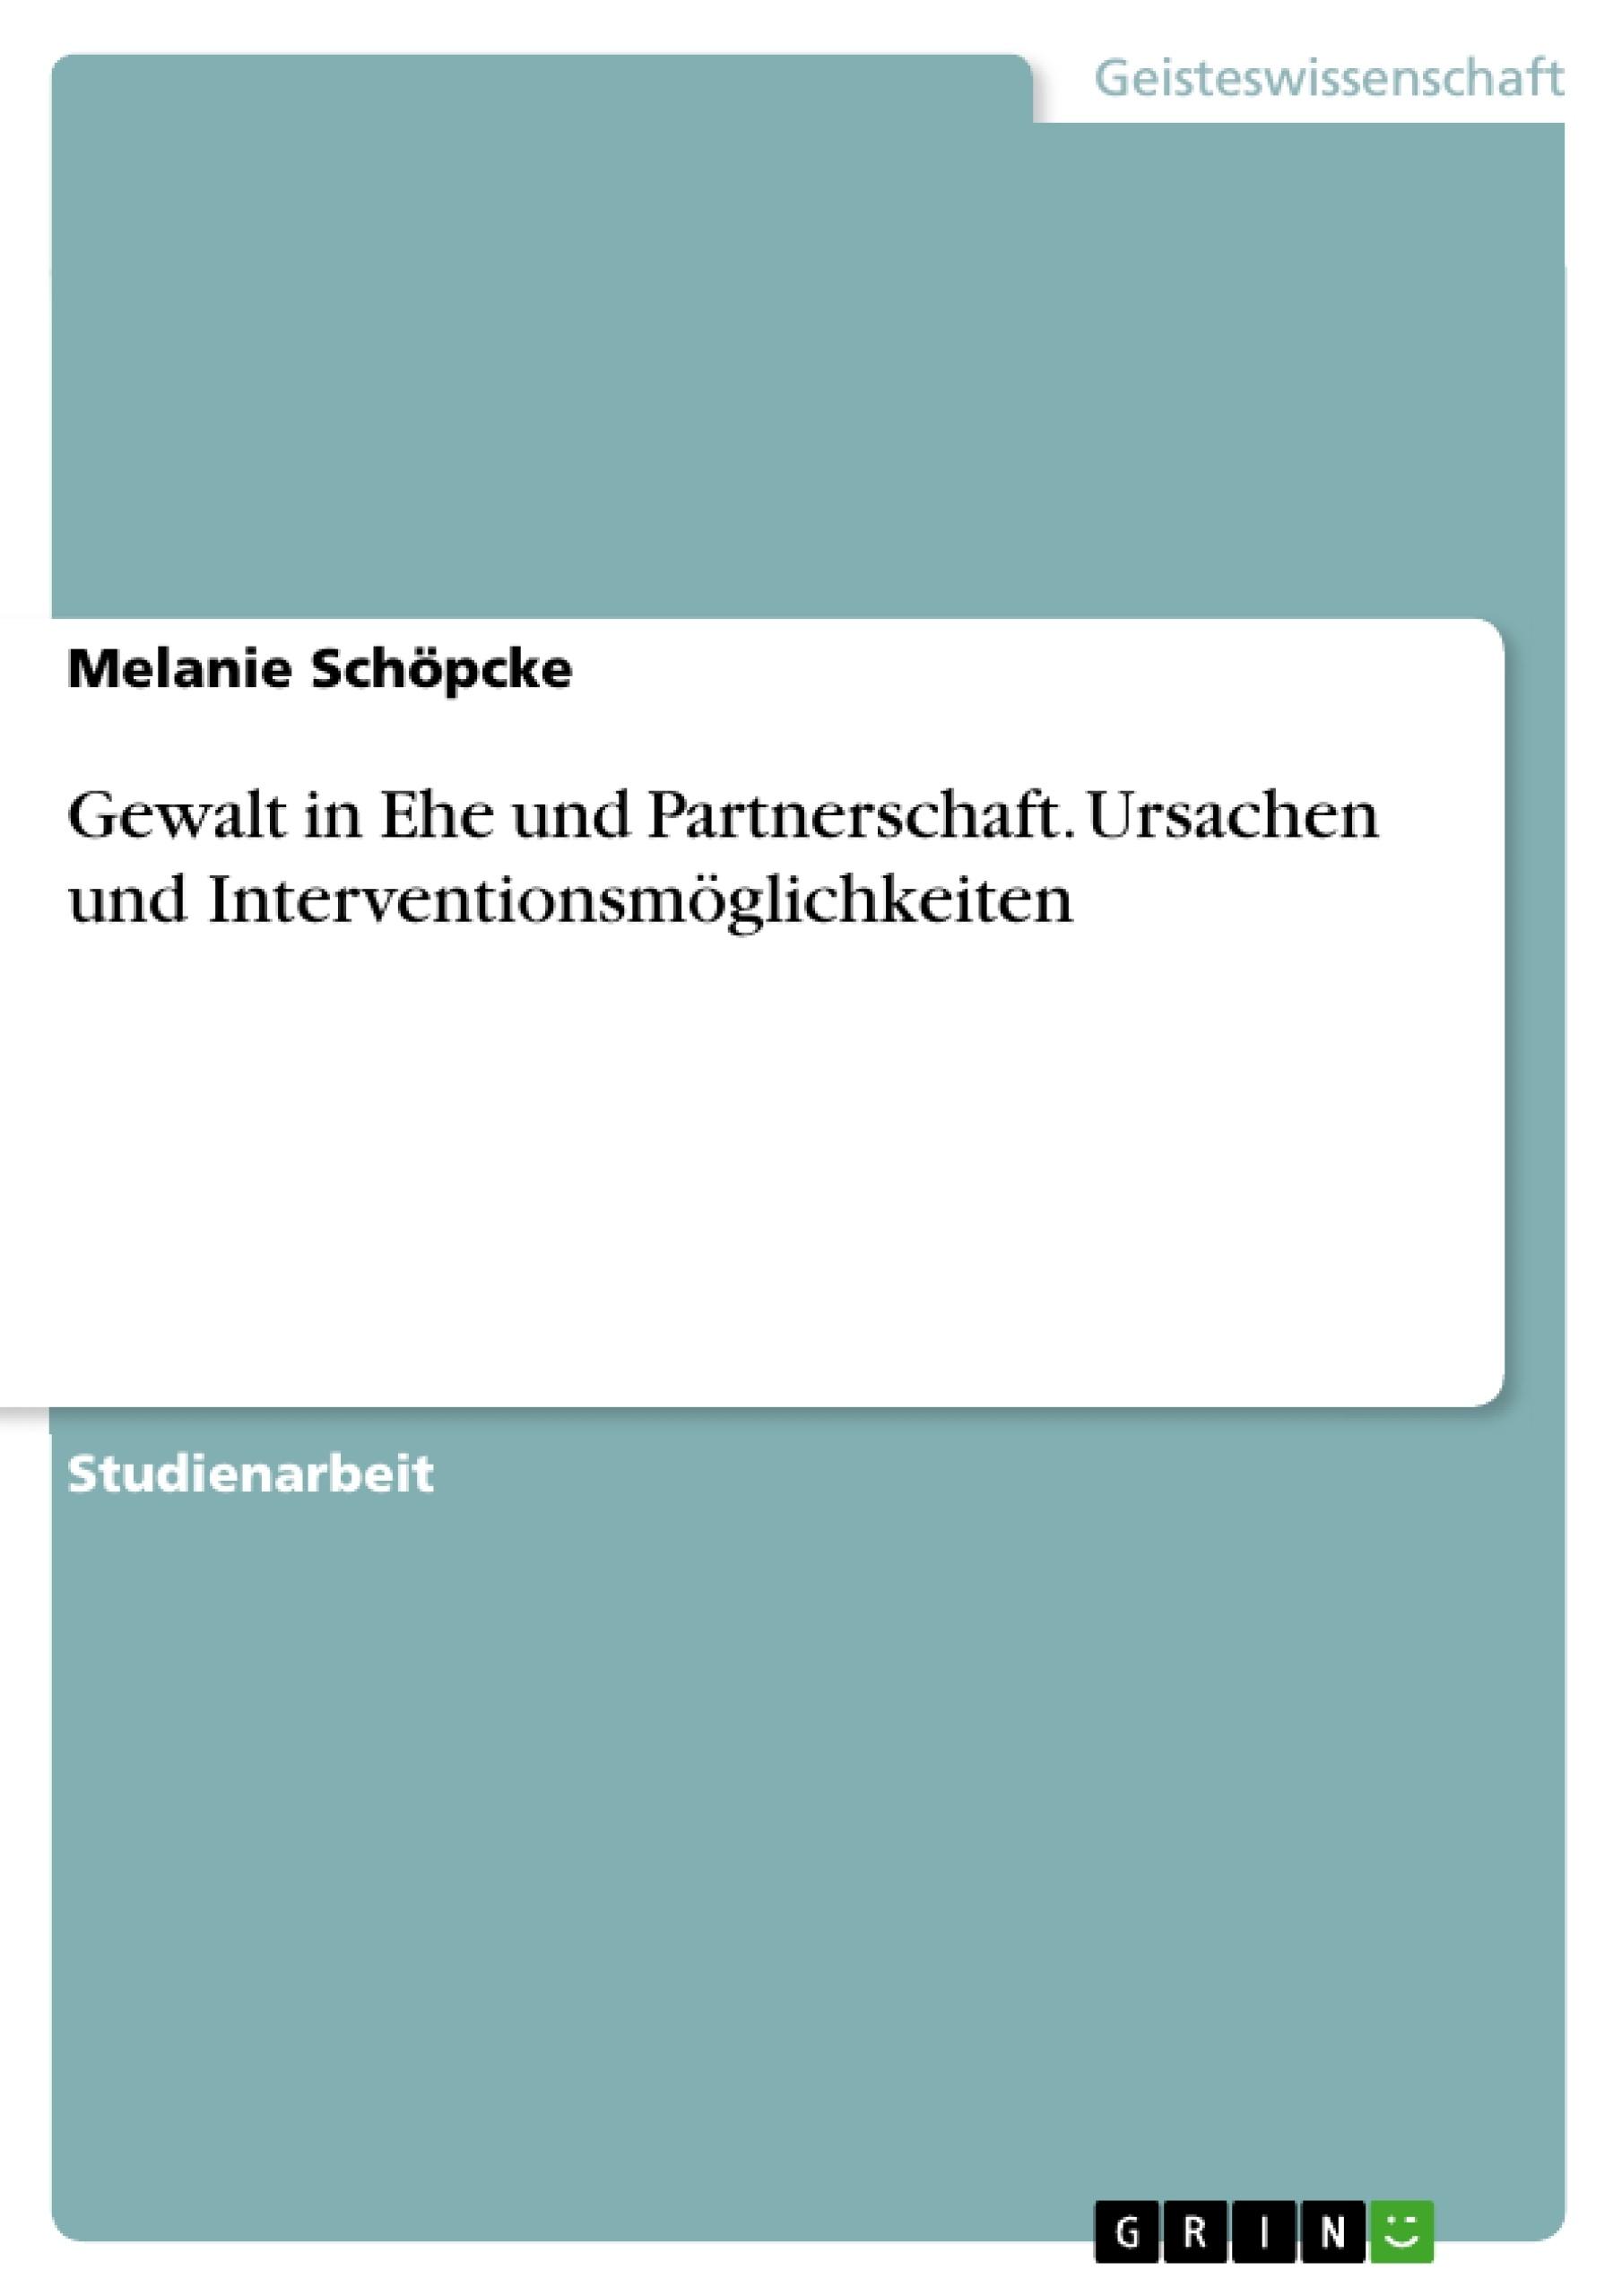 Titel: Gewalt in Ehe und Partnerschaft. Ursachen und Interventionsmöglichkeiten